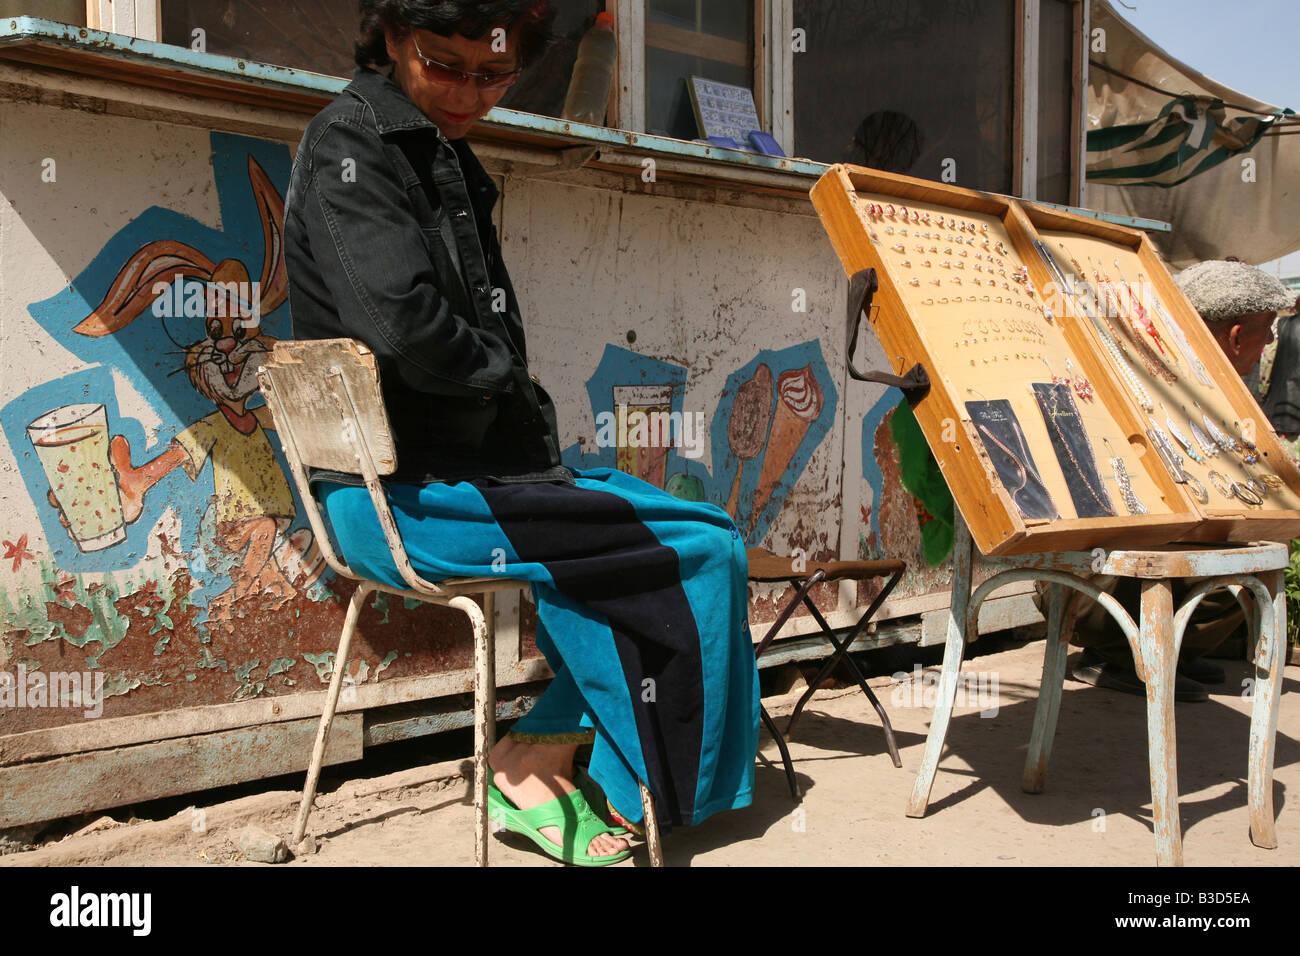 Vendeur de vendre des bijoux fantaisie sur le marché central à Urgench,  Ouzbékistan Photo Stock 8c76c5f49b8e